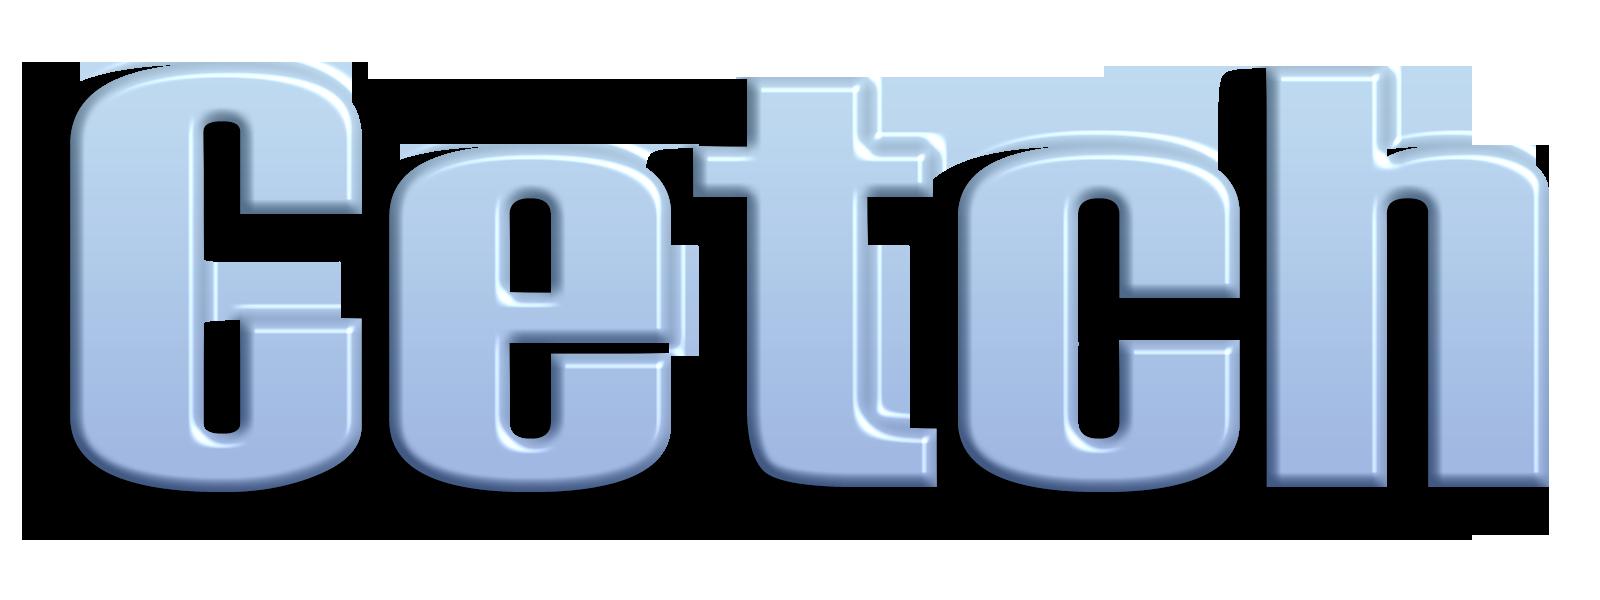 cetch.com